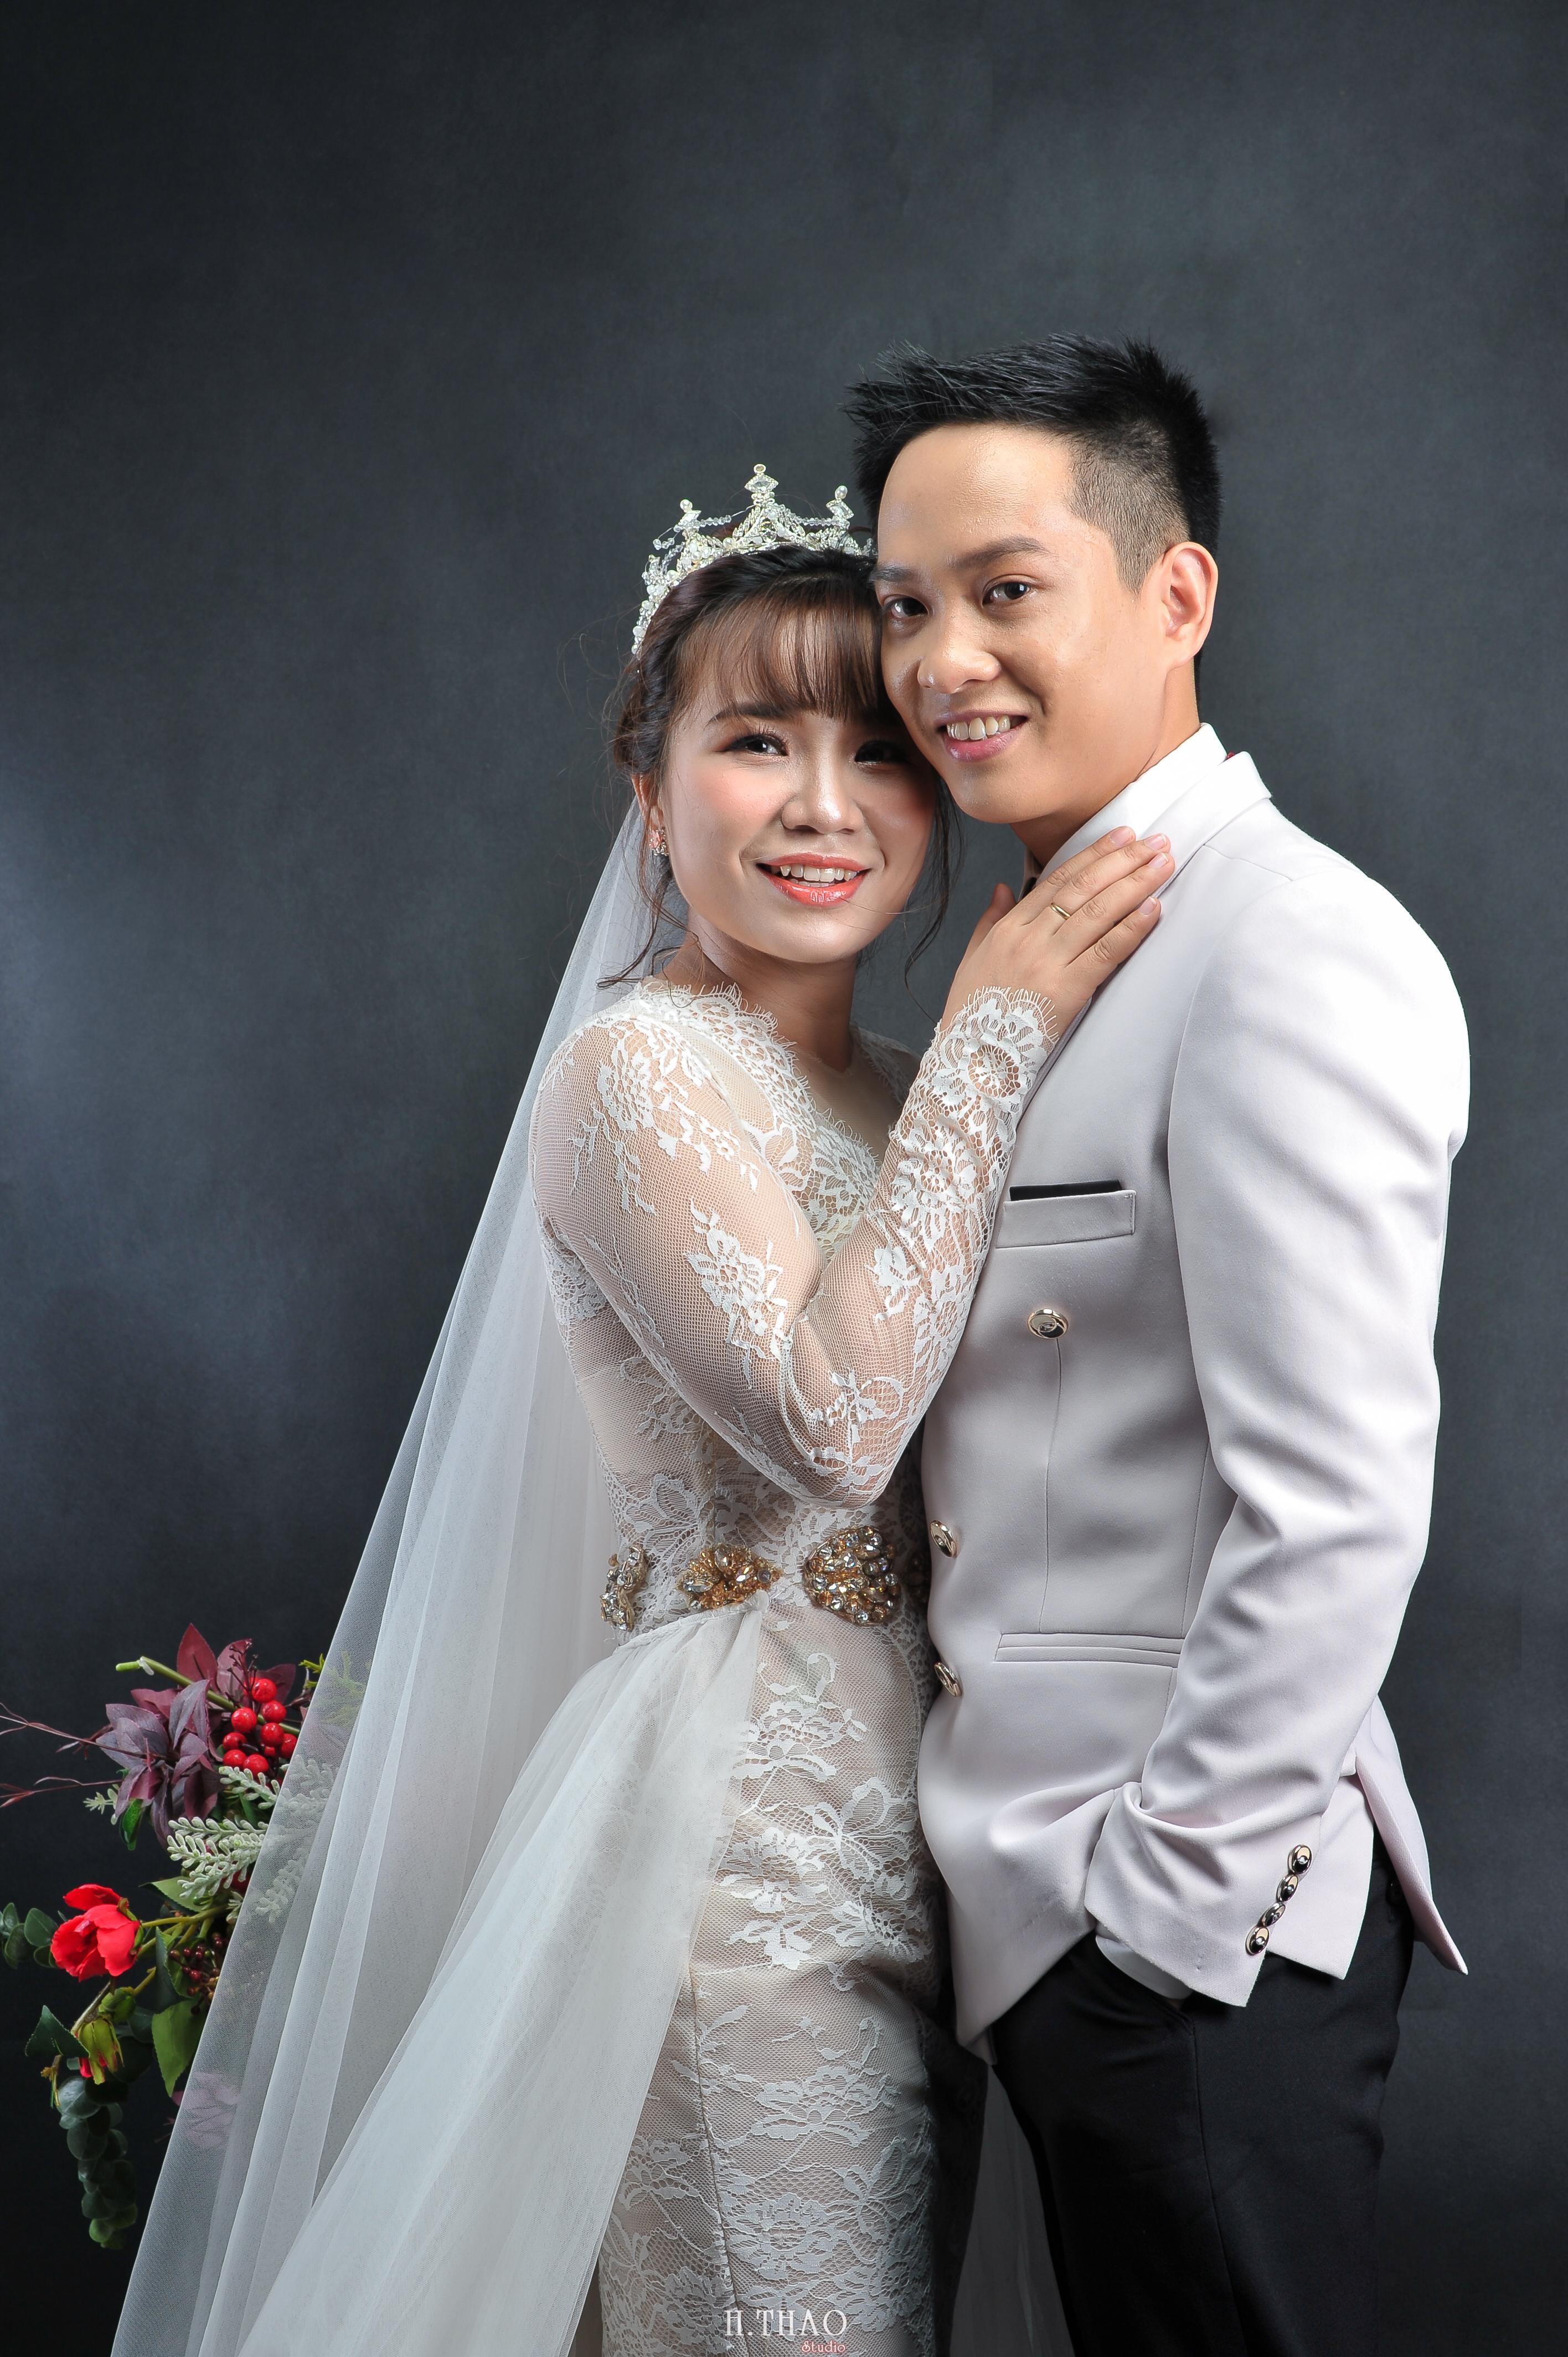 Anh cuoi style Han quoc 11 min - Chụp ảnh cưới đơn giản mà đẹp tại studio – HThao Studio Tp.HCM